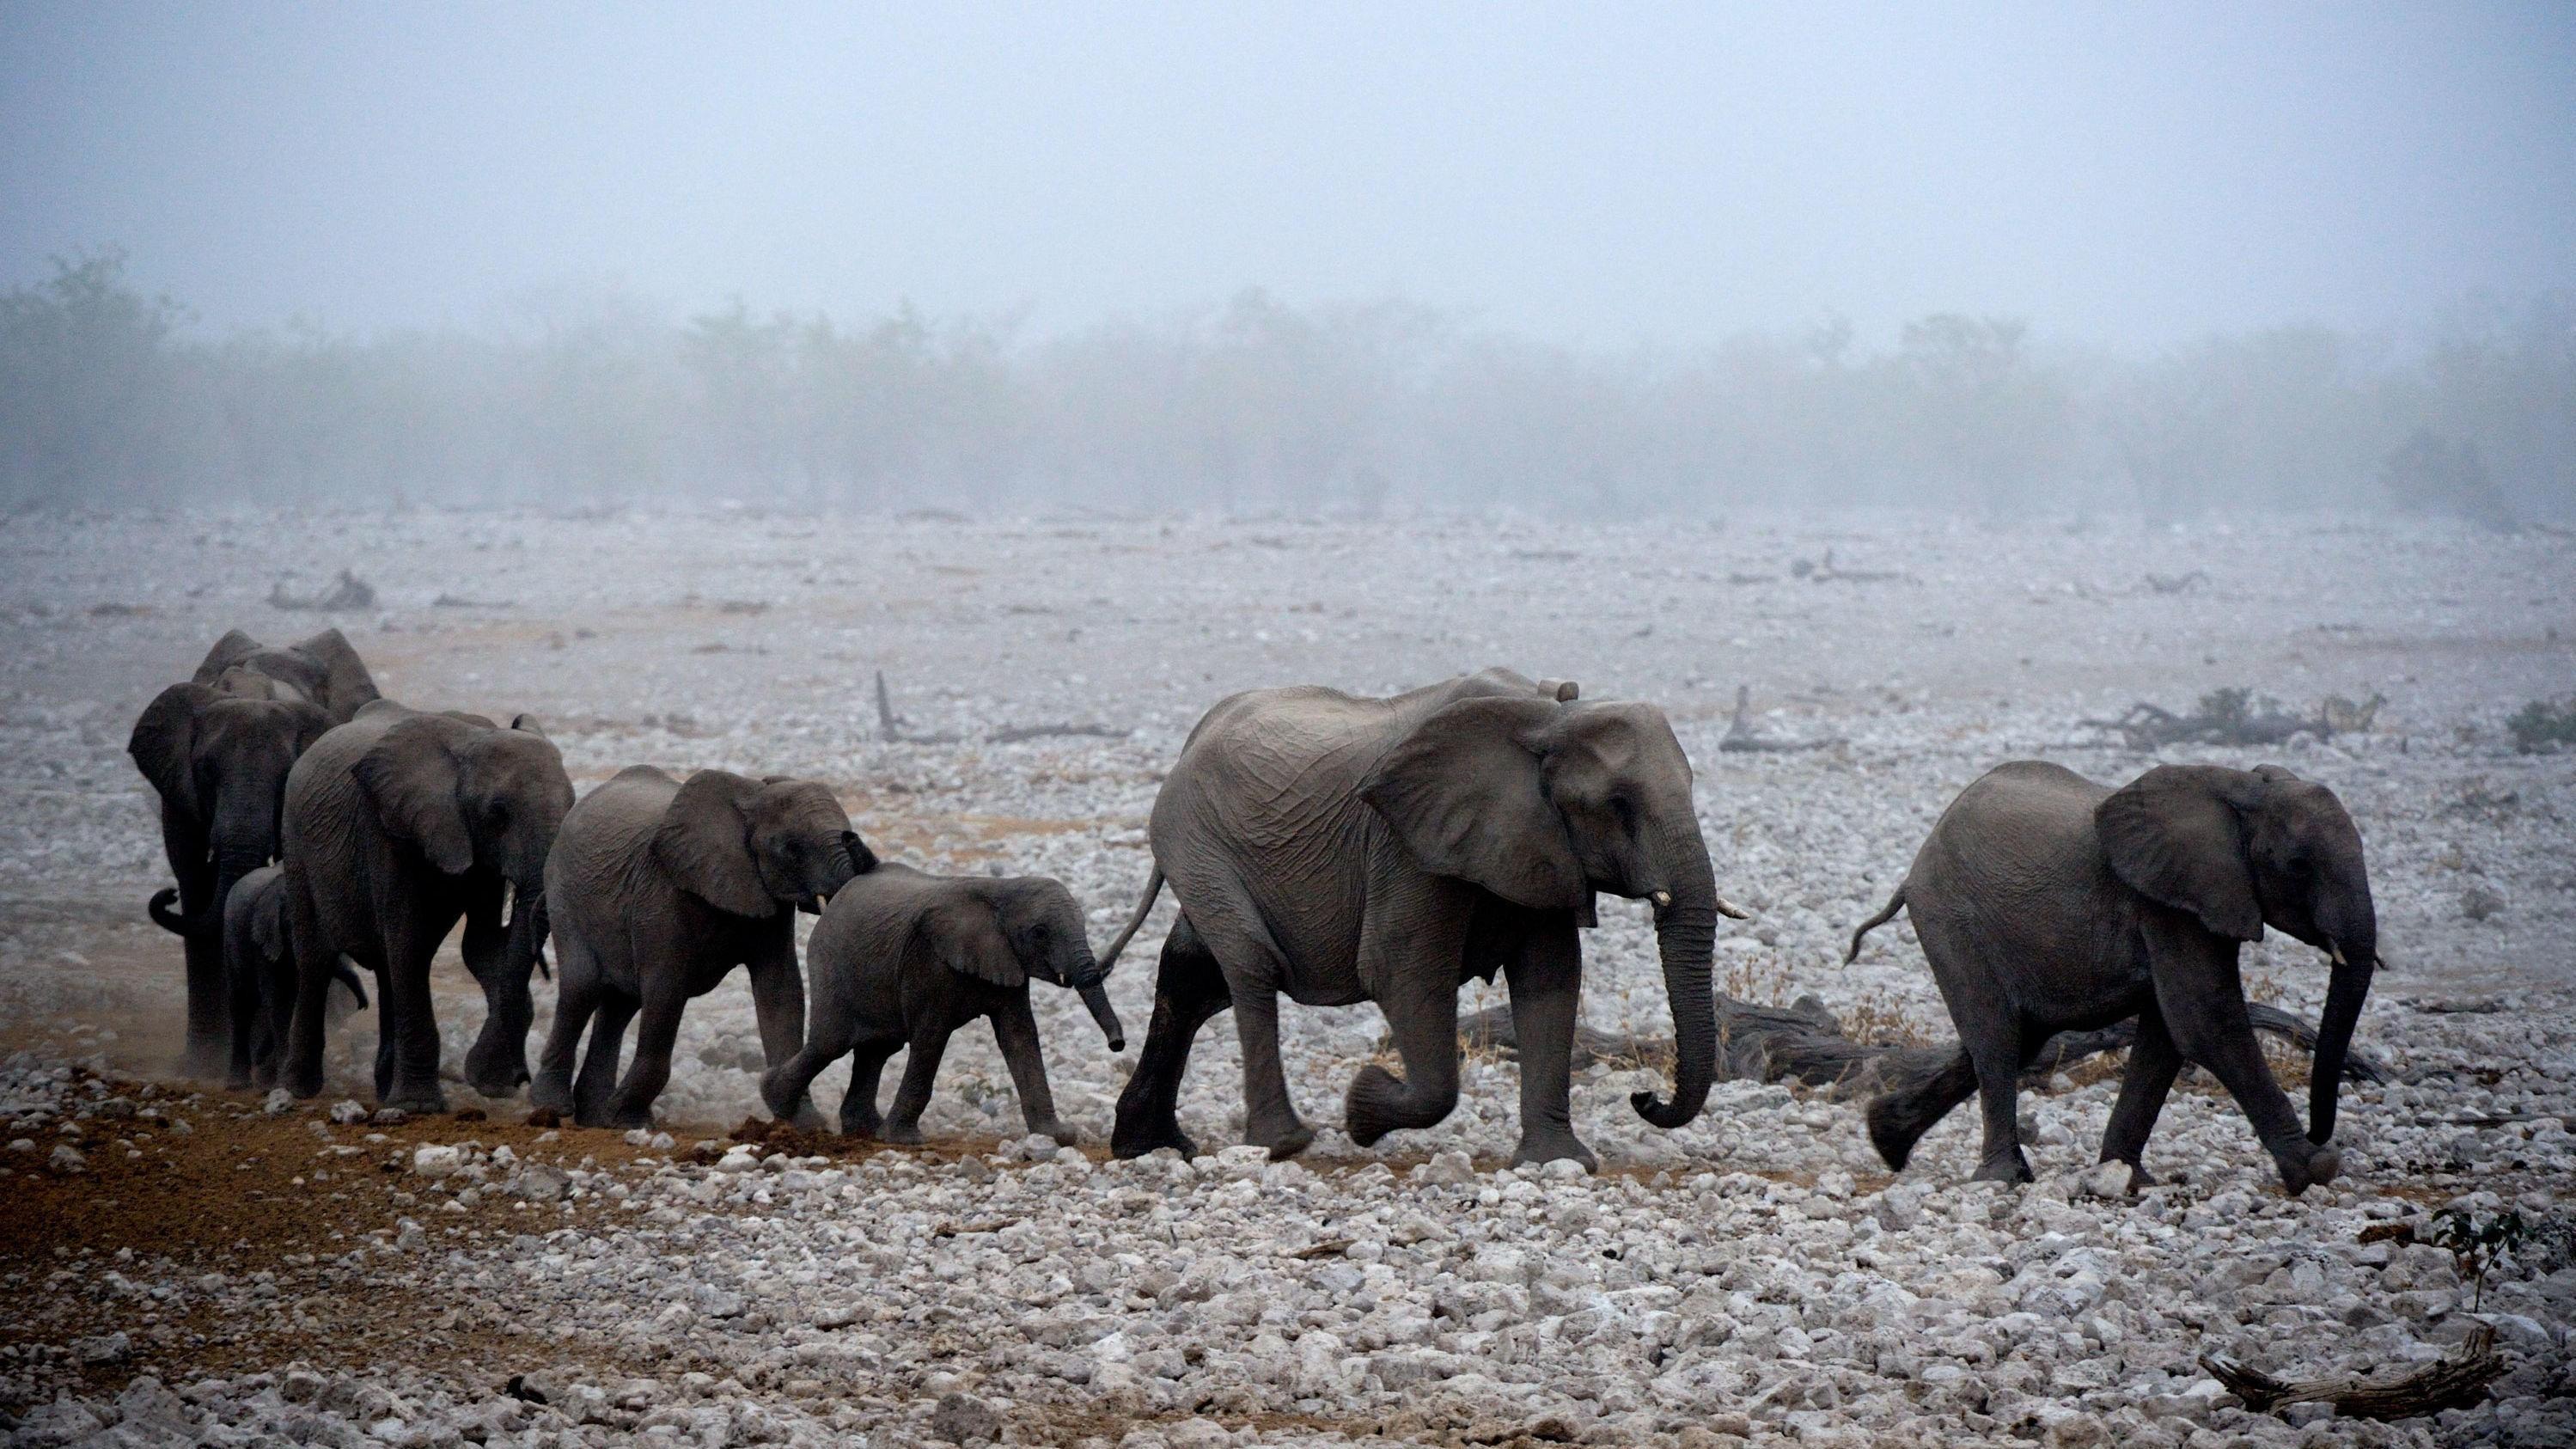 SKREMMENDE ADVARSEL: I løpet av 50 år vil mennesker ha utryddet to tredeler av jordens dyr. Det vil skje allerede i 2020 om ikke menneskeheten kollektivt tar seg sammen, advarer World Wide Fund for Nature (WWF).